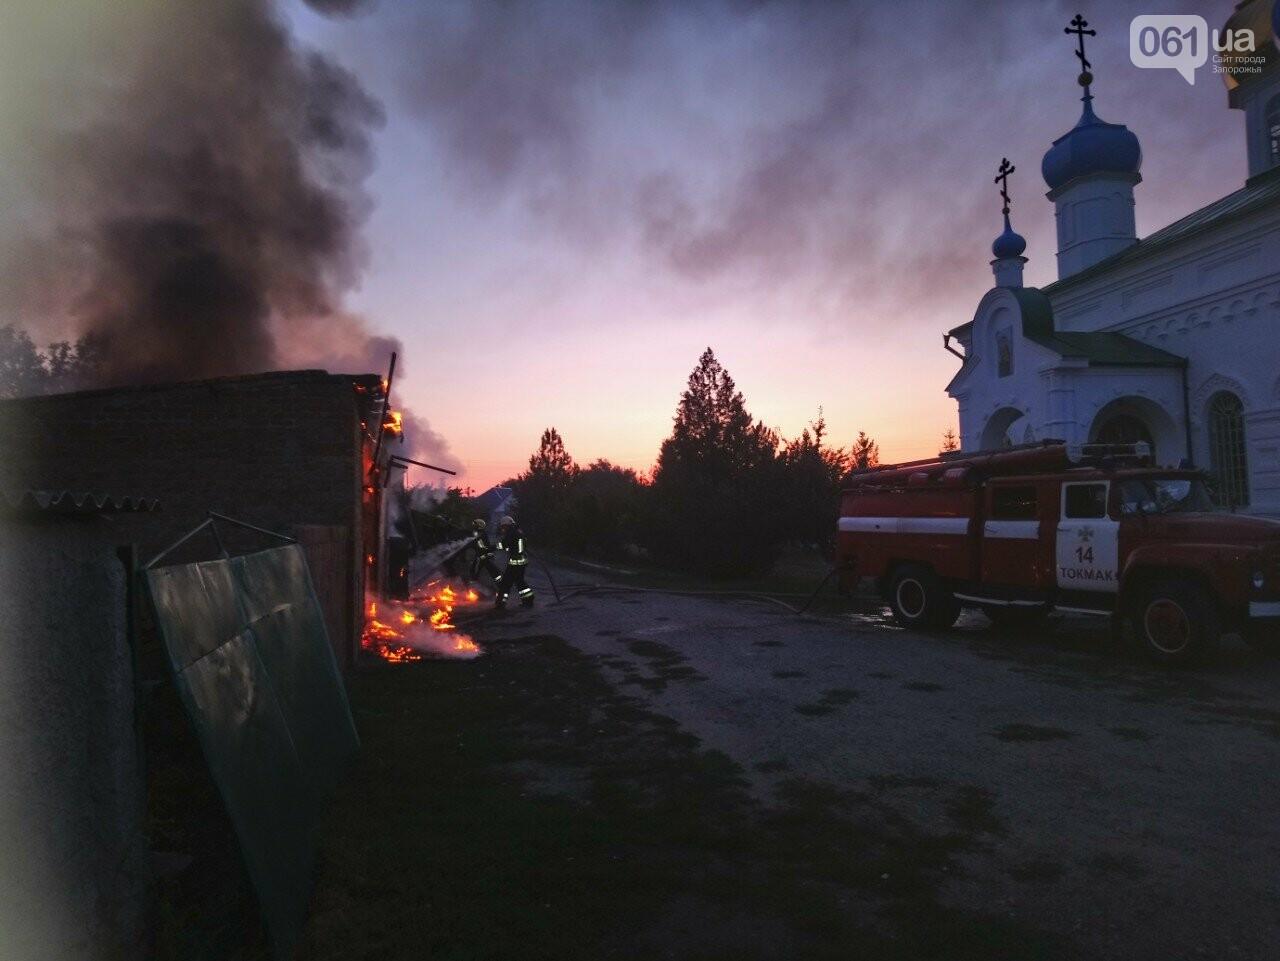 В Запорожской области сгорели гаражи на территории мужского монастыря, фото-3